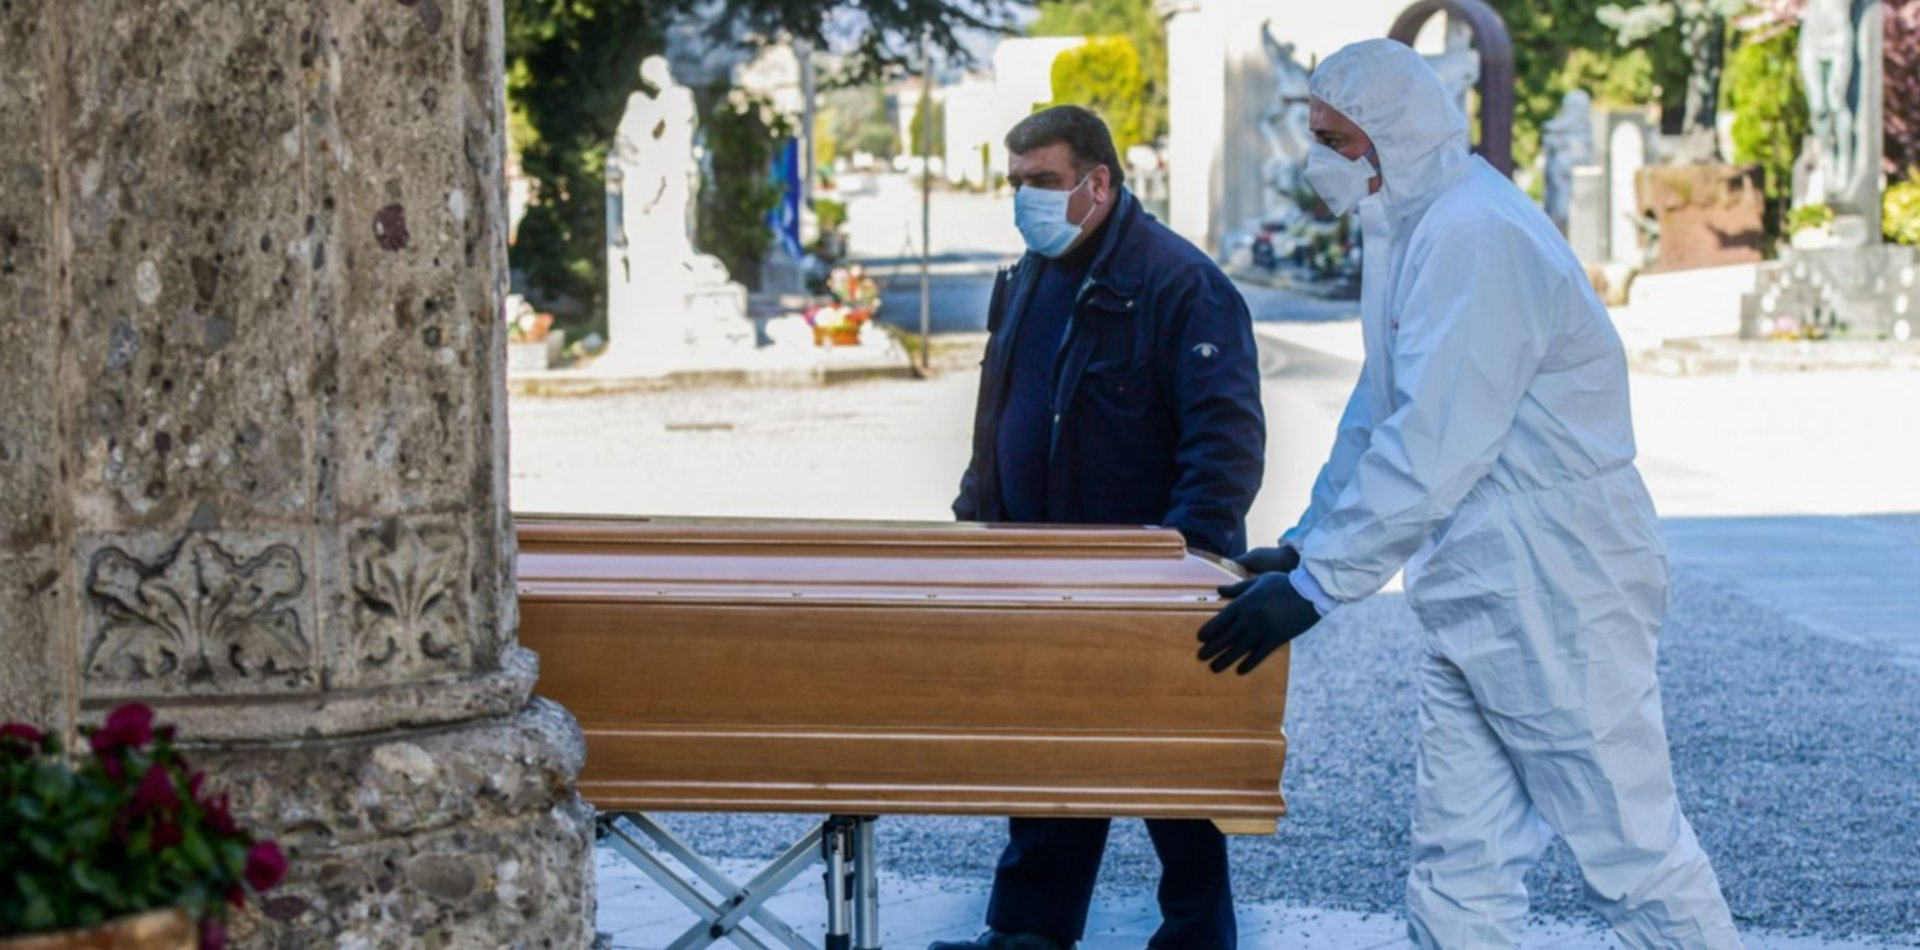 Con 48 víctimas, hay un nuevo récord de muertes por coronavirus en un solo día